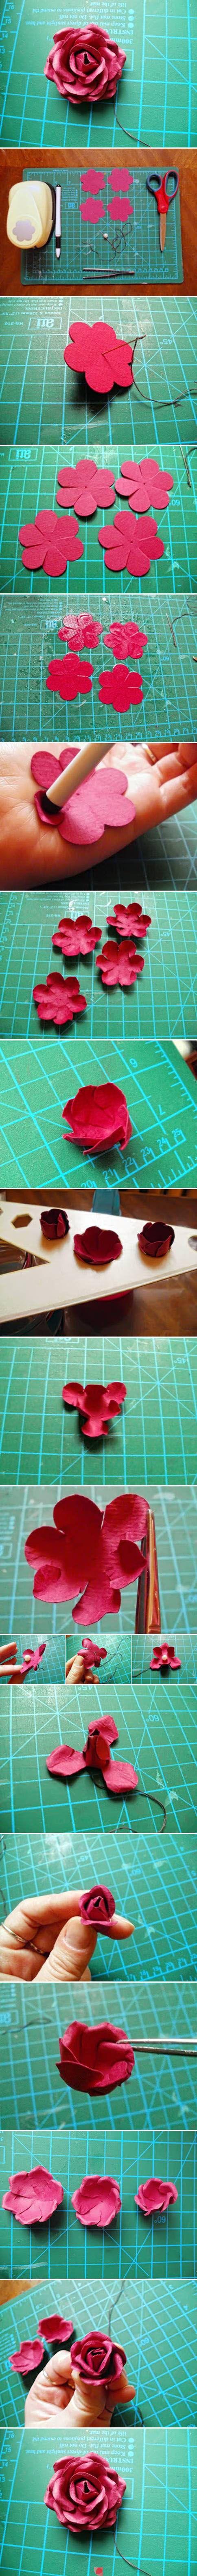 #Great paper roses tutorial